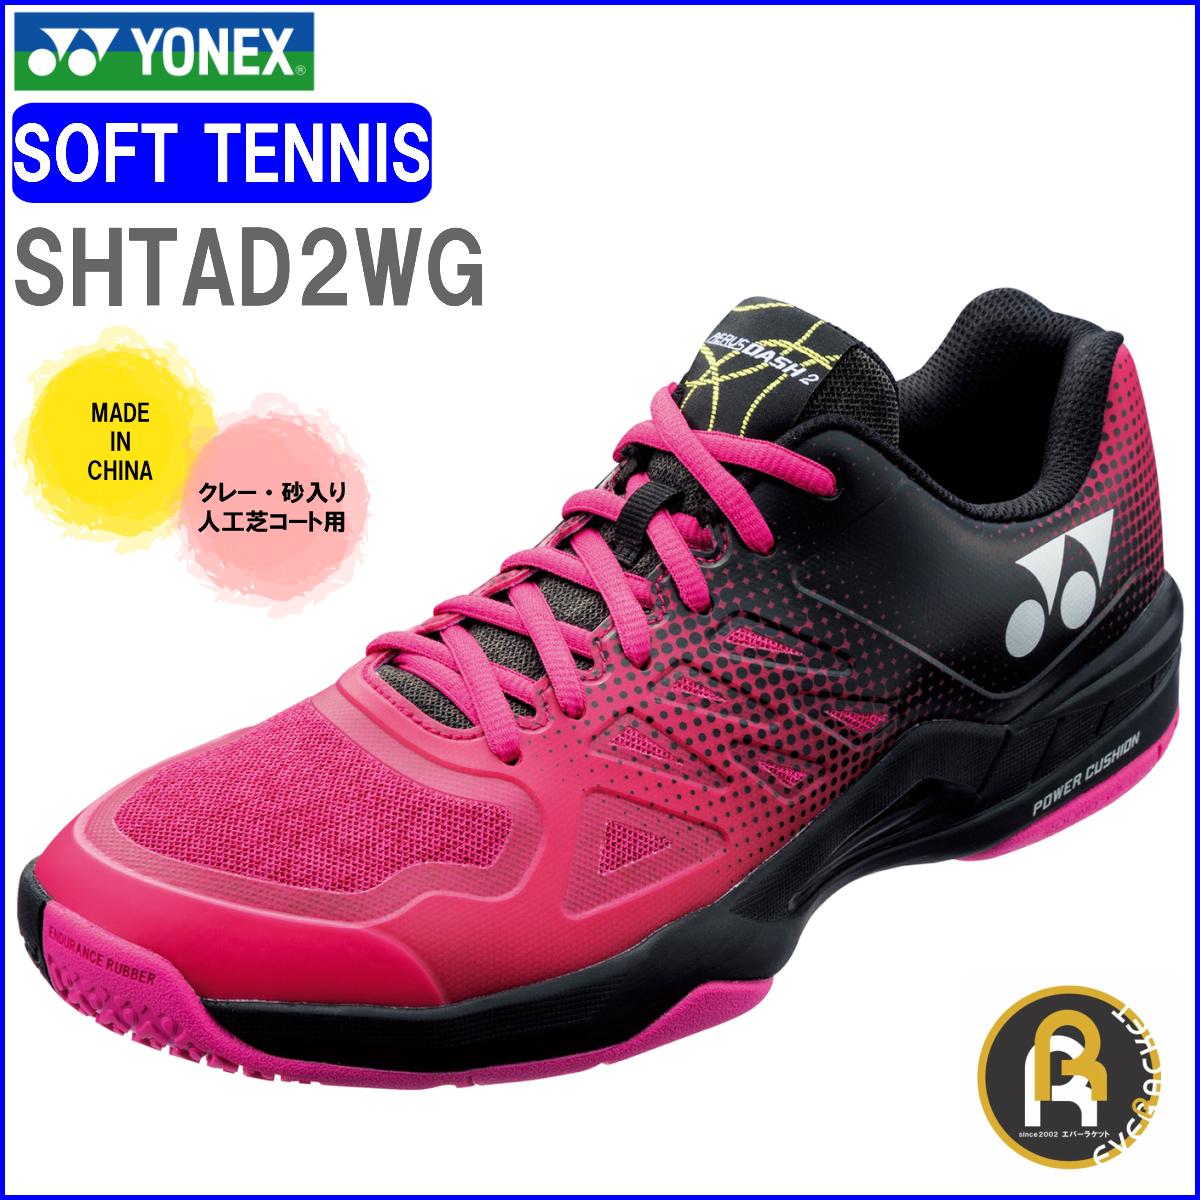 【お買い得商品】YONEX ヨネックス ソフトテニス ソフトテニスシューズ パワークッションエアラスダッシュ2WGC SHTAD2WG